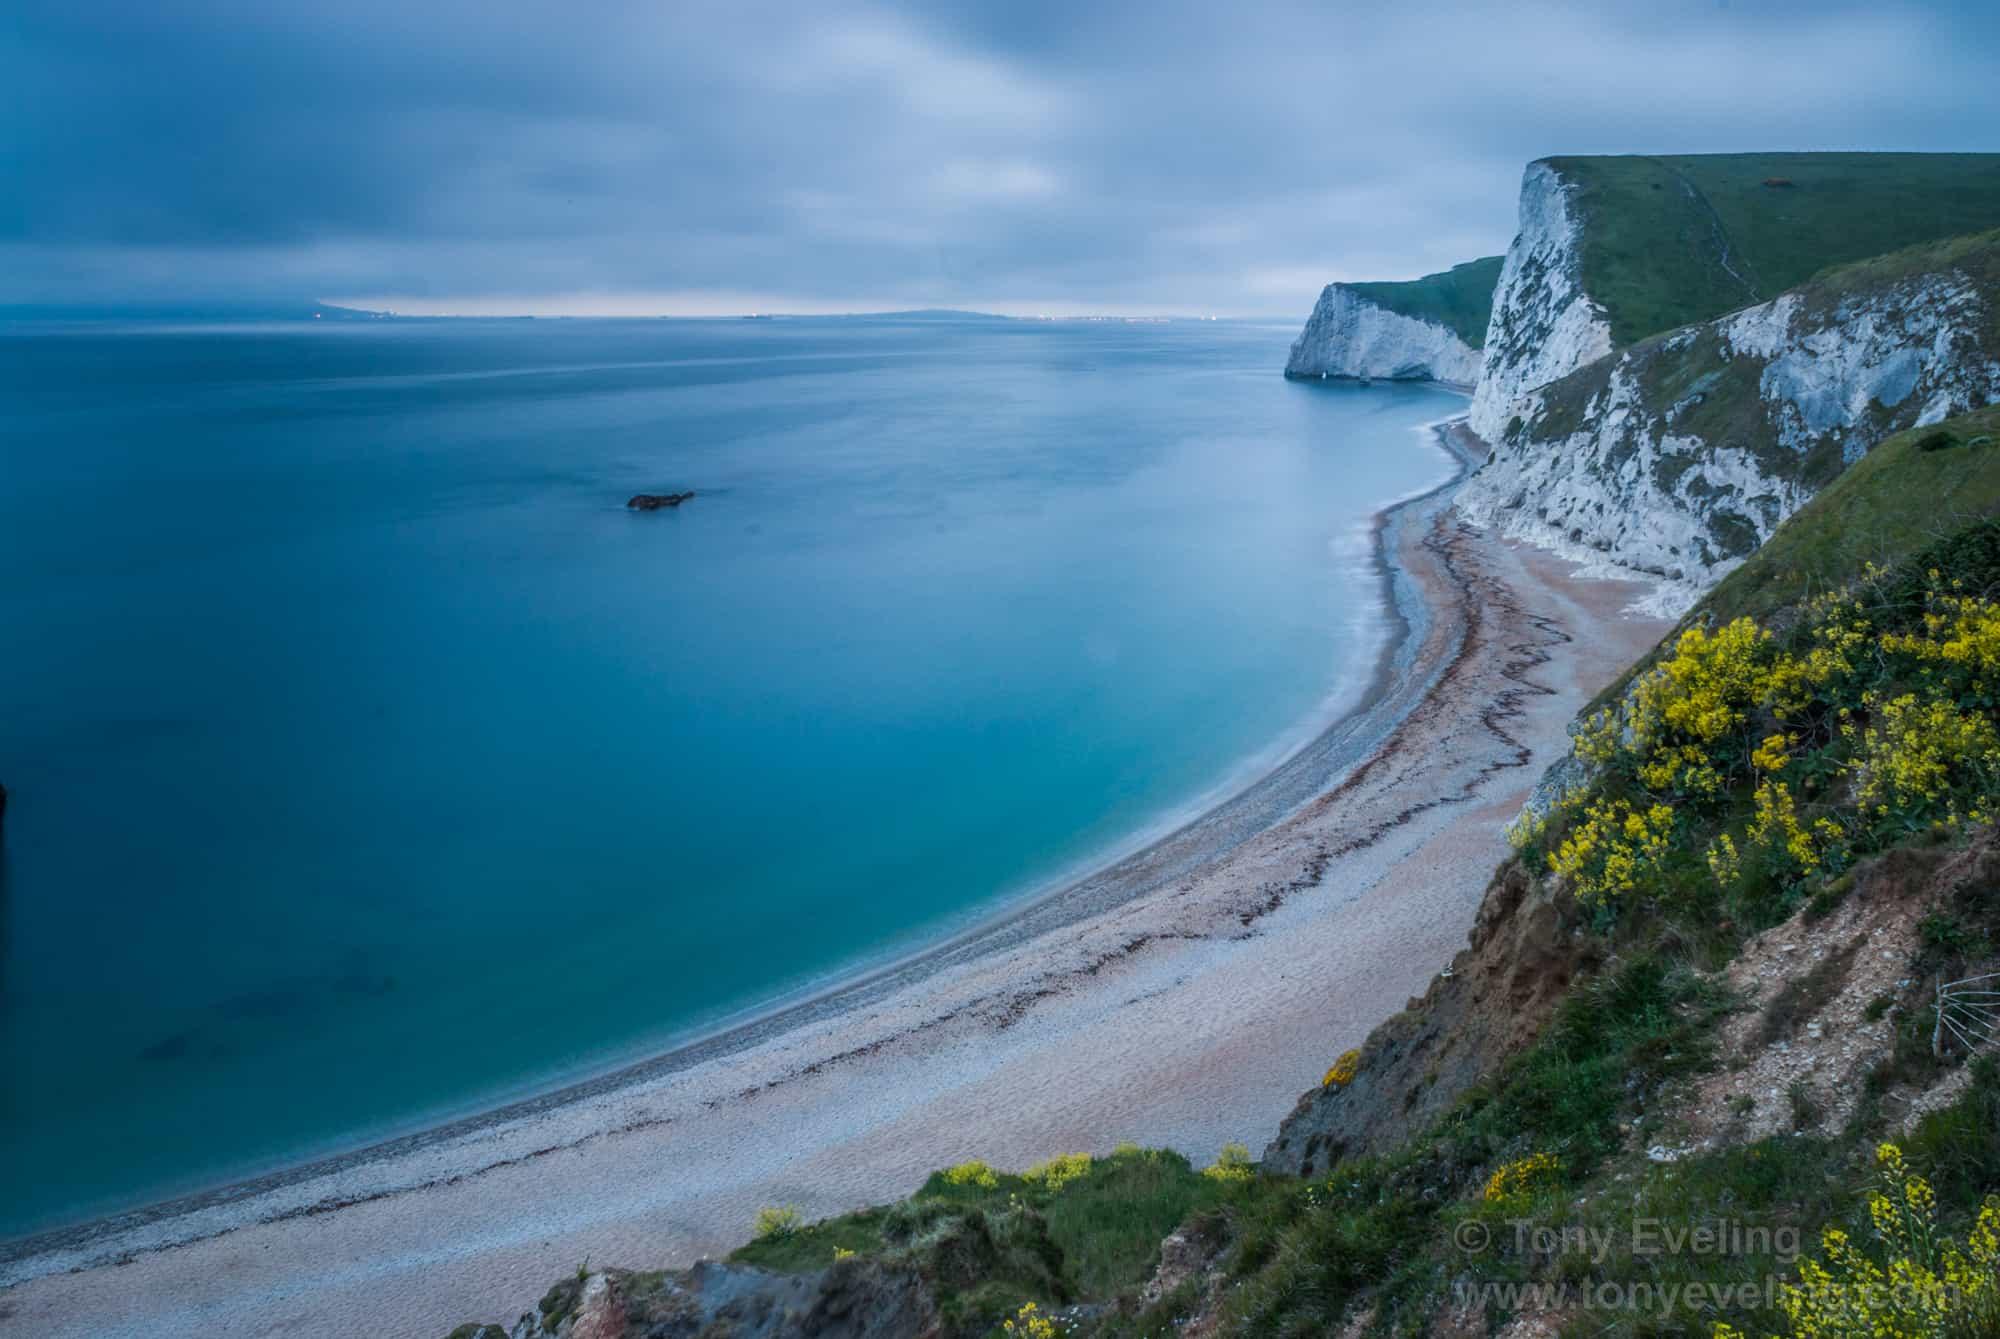 Dorset beach at dusk, UK